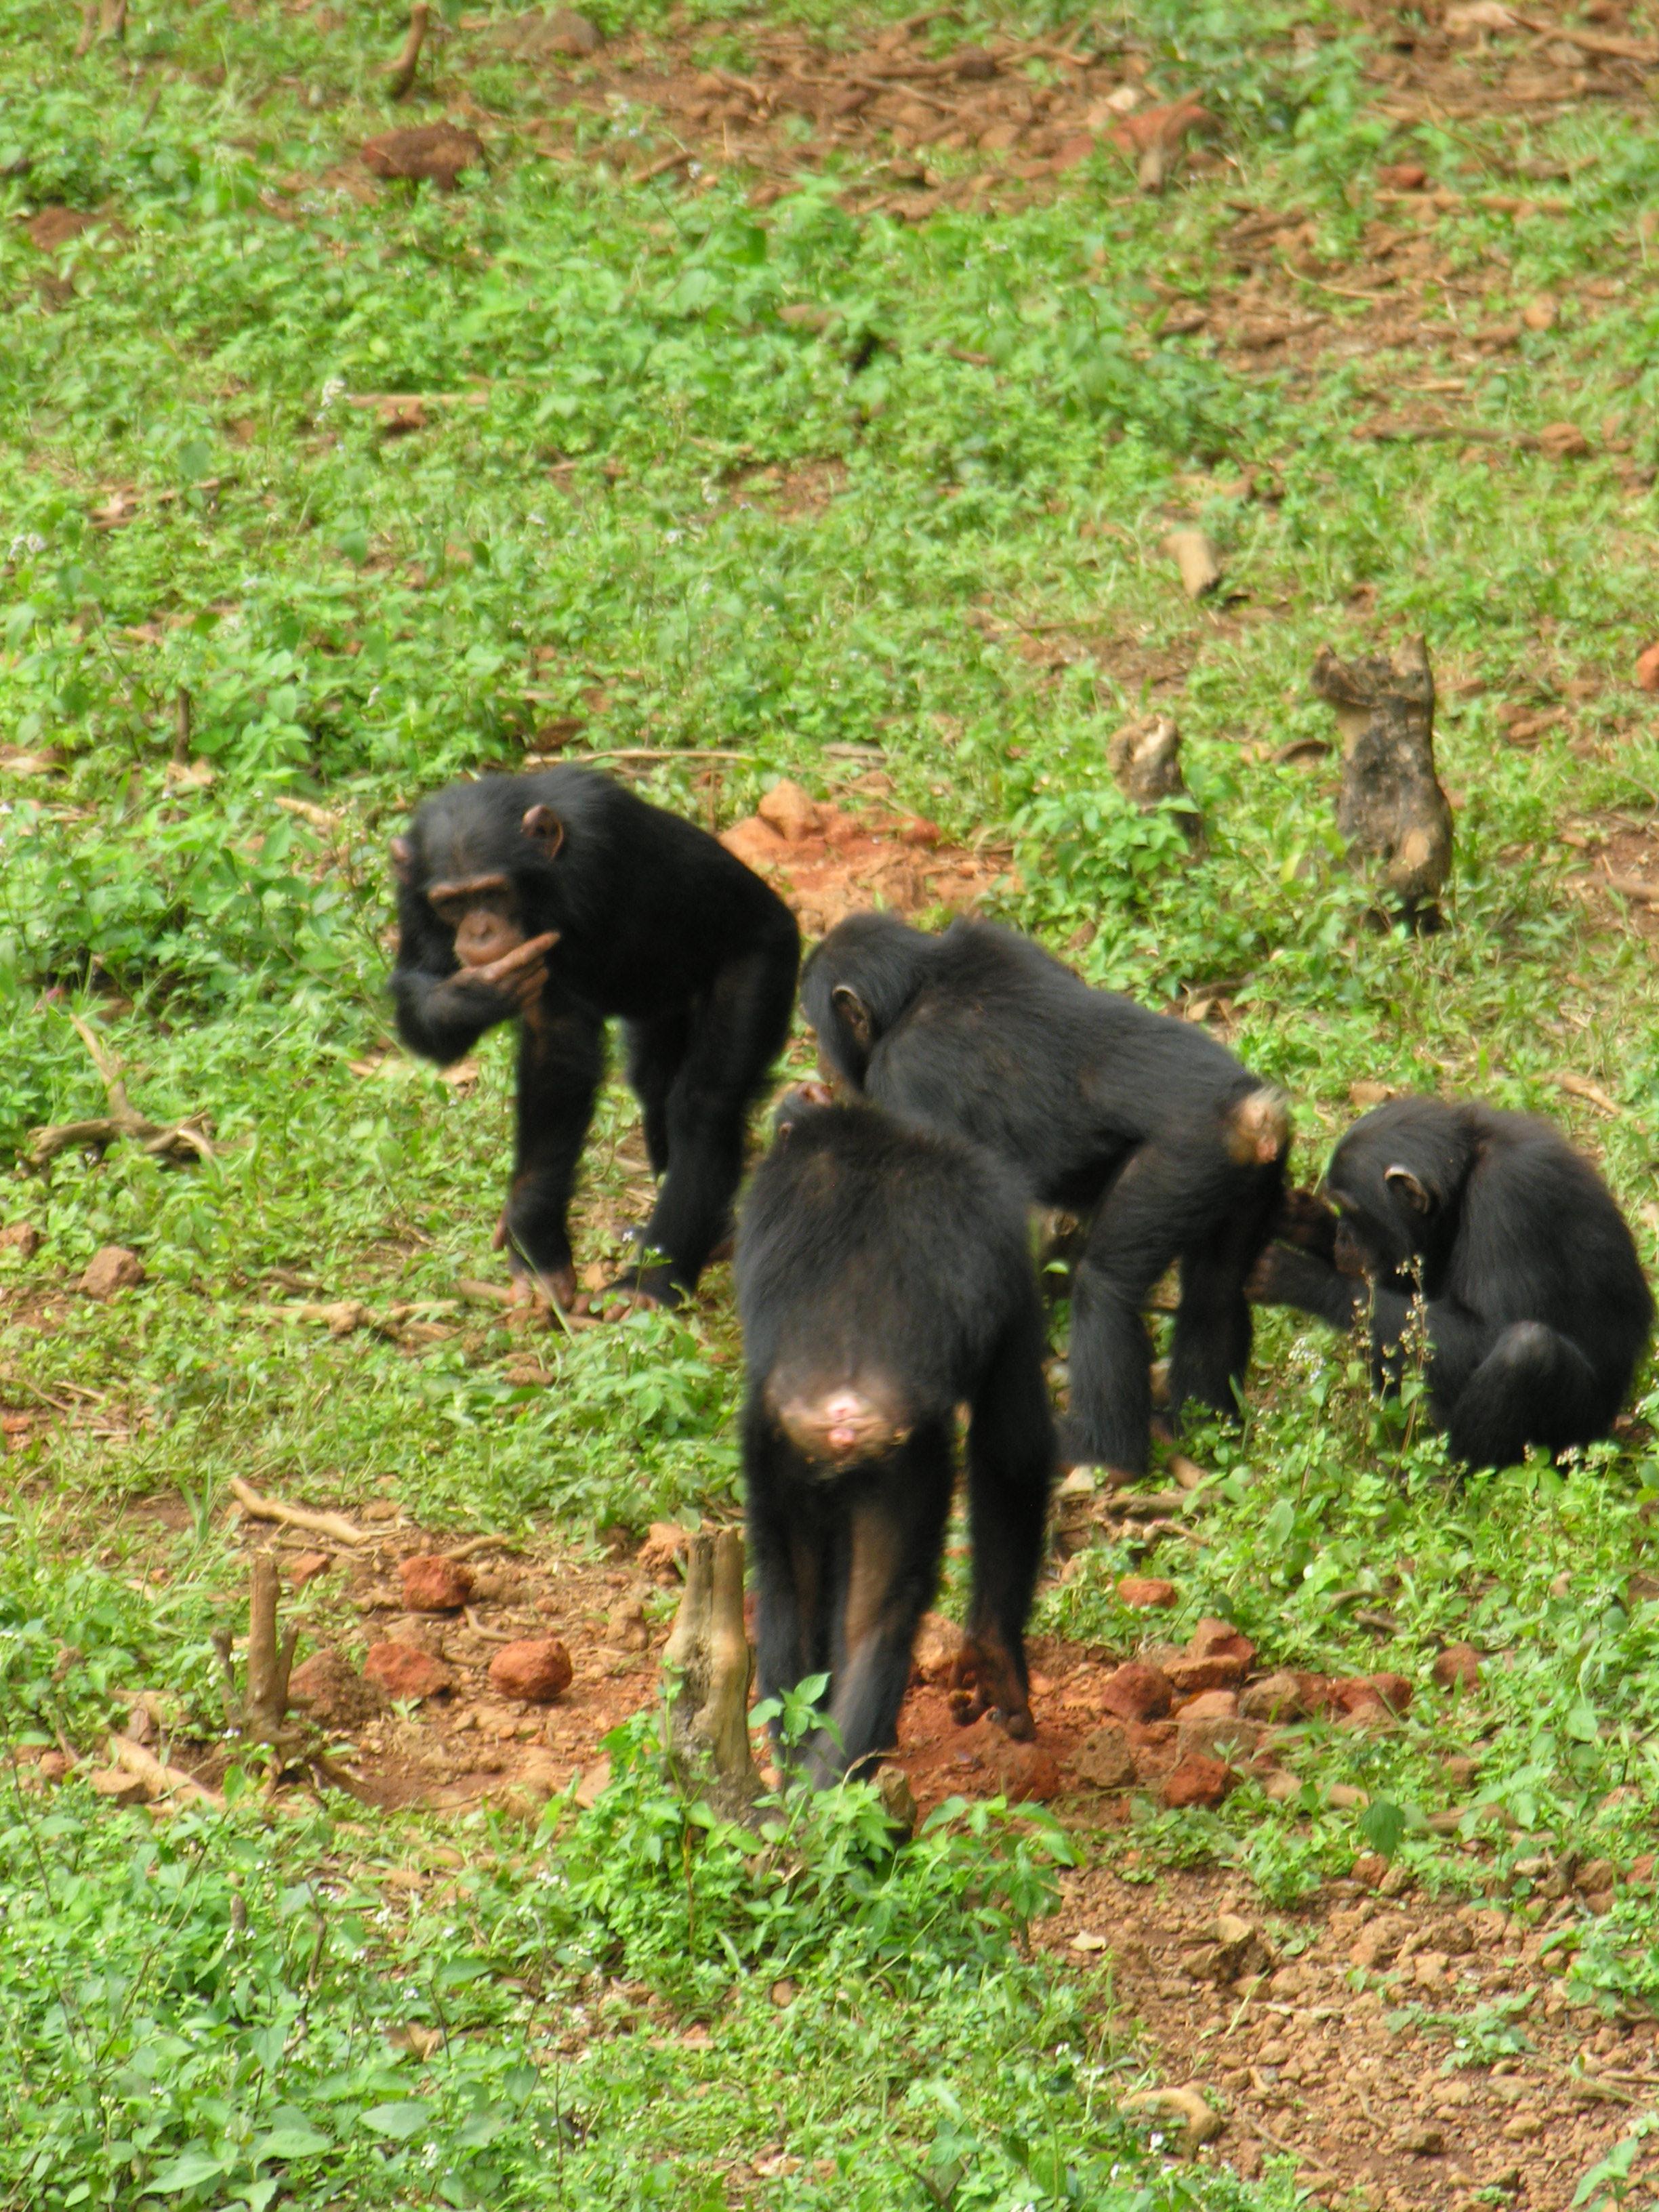 Iconic species Chimpanzee on mine site